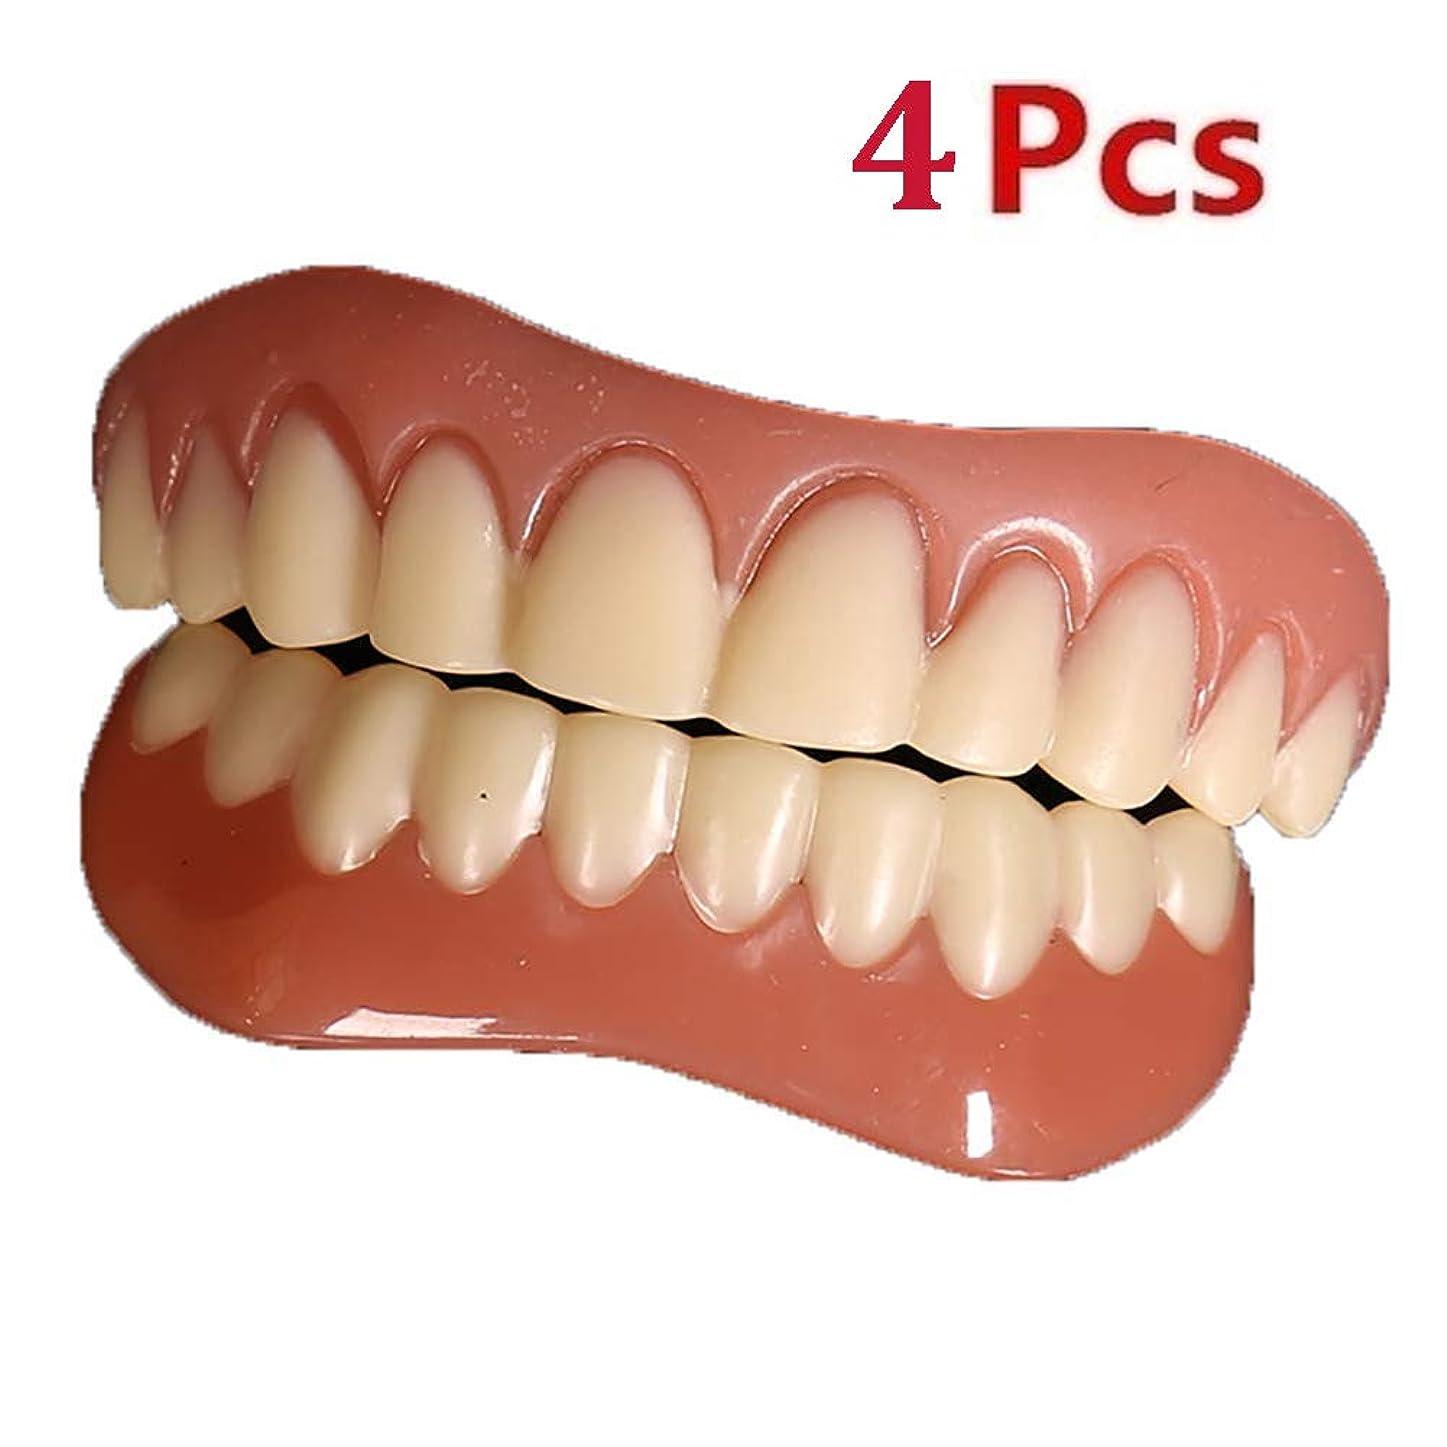 損なう精神速度4個再利用可能なインスタントスマイルティースアッパーローアーベニアコンフォートフィットティースベニア、数分以内に自宅であなたの笑顔を修正義歯ケアツール